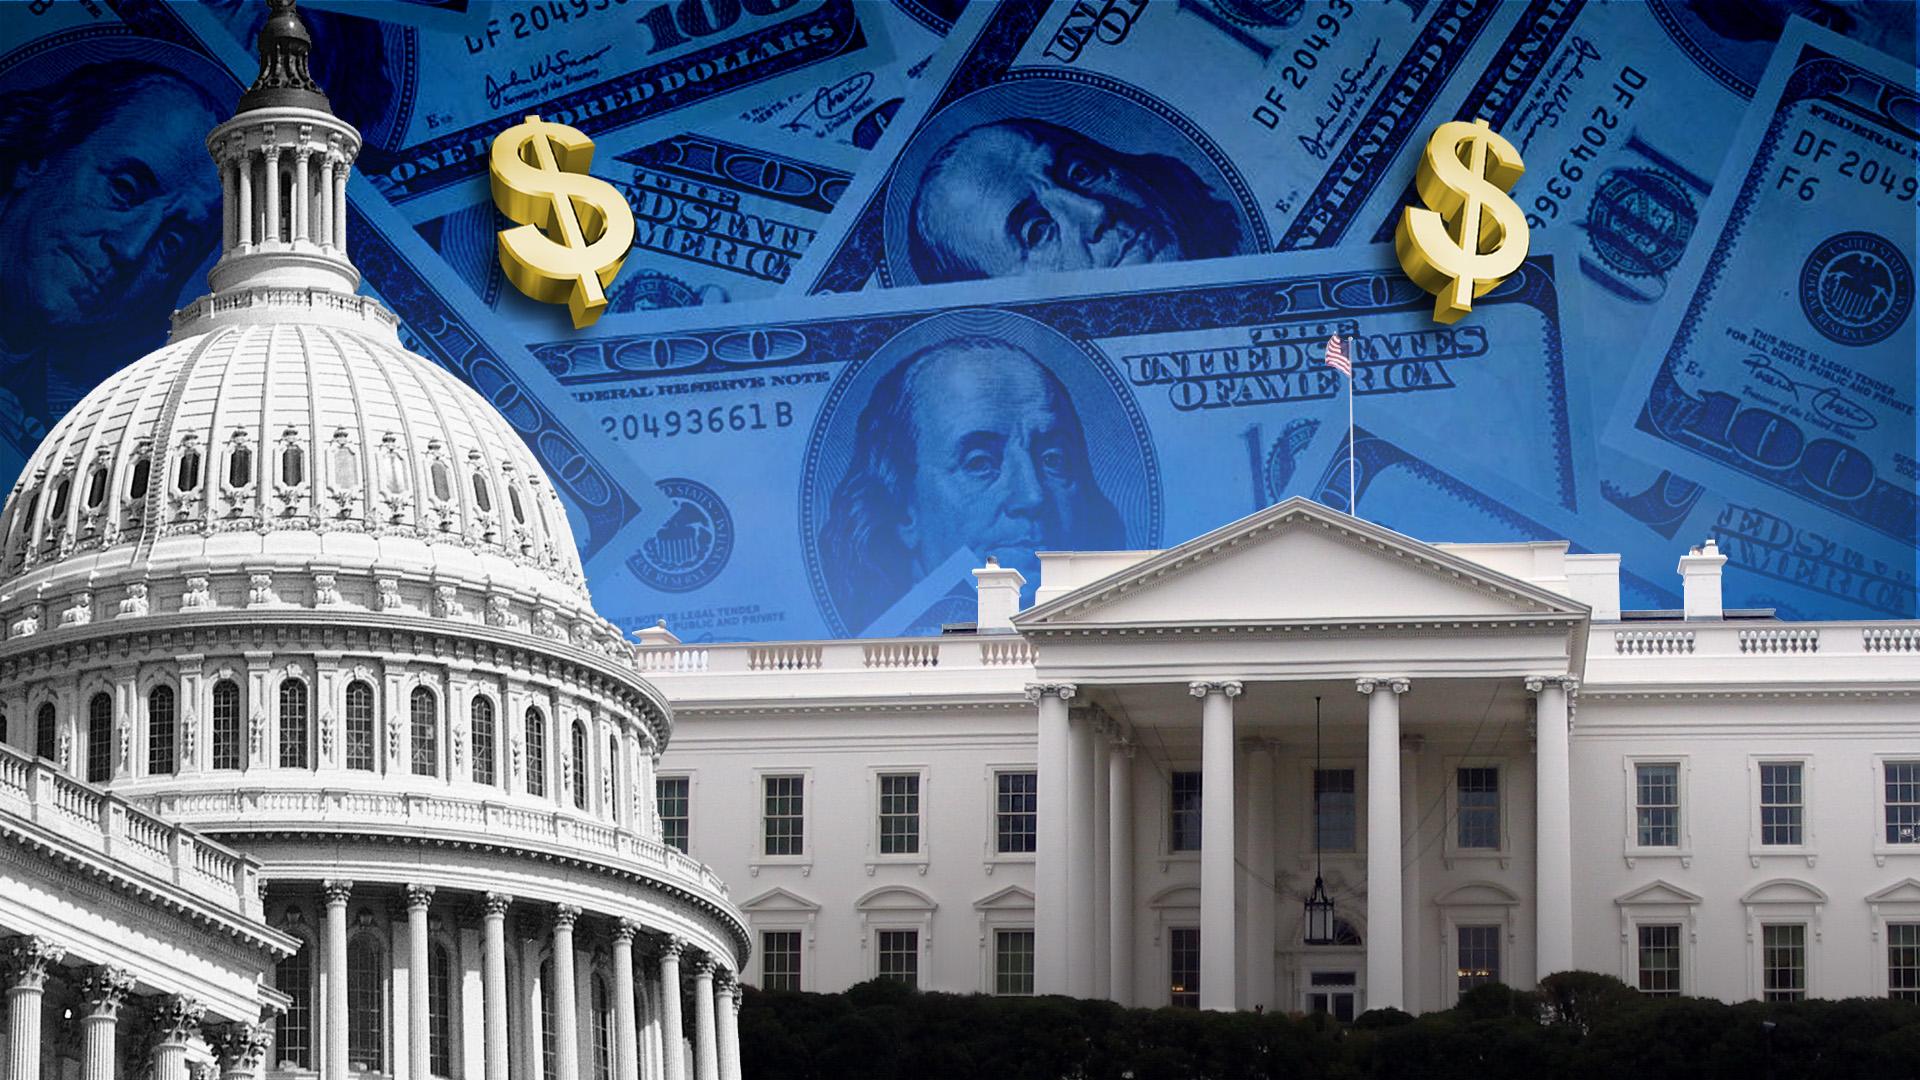 Dolarul prinde viteză | ANALIZĂ